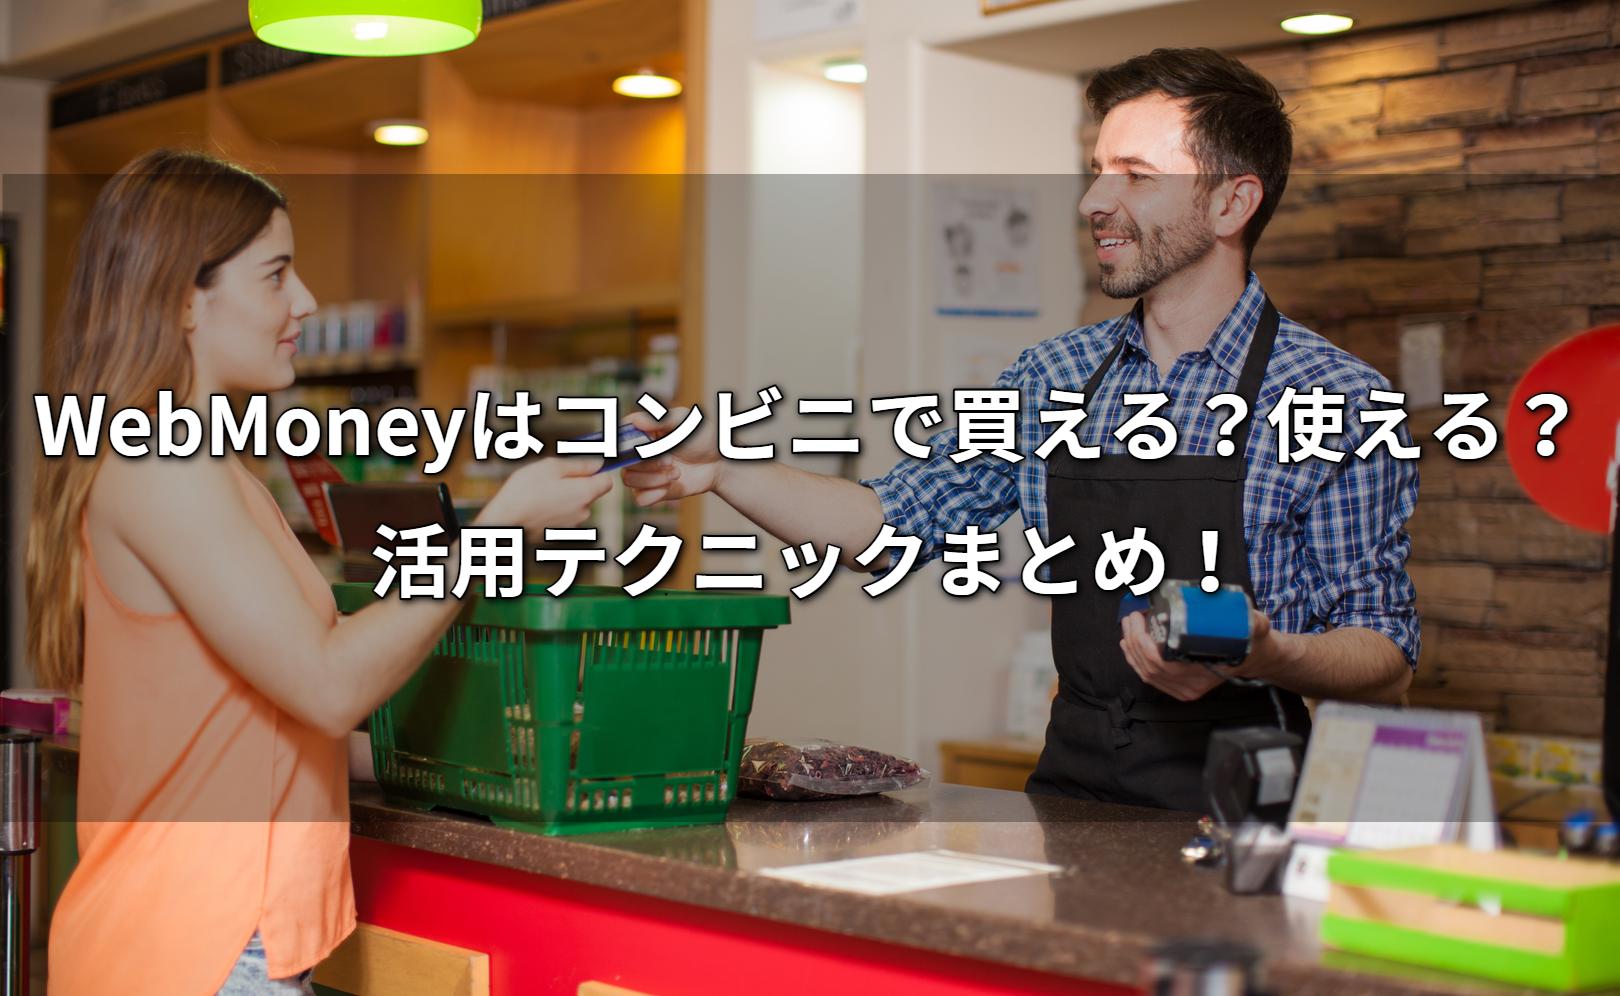 WebMoneyはコンビニで買える?使える?活用テクニックまとめ!